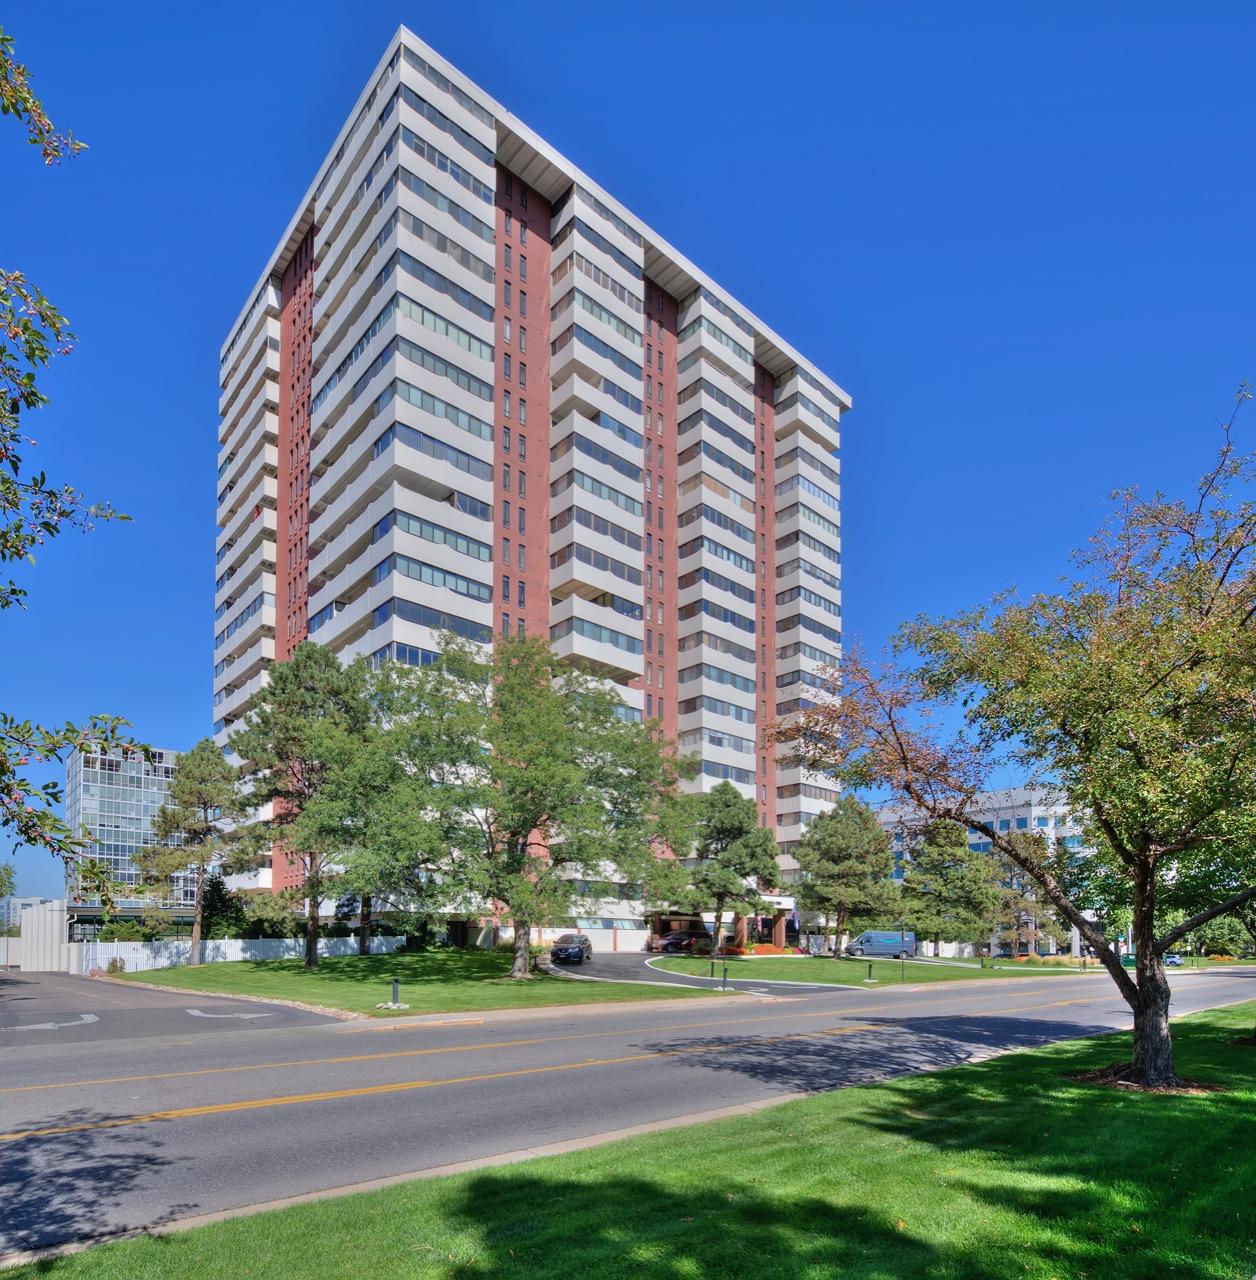 3131 E. Alameda Ave. Unit 905